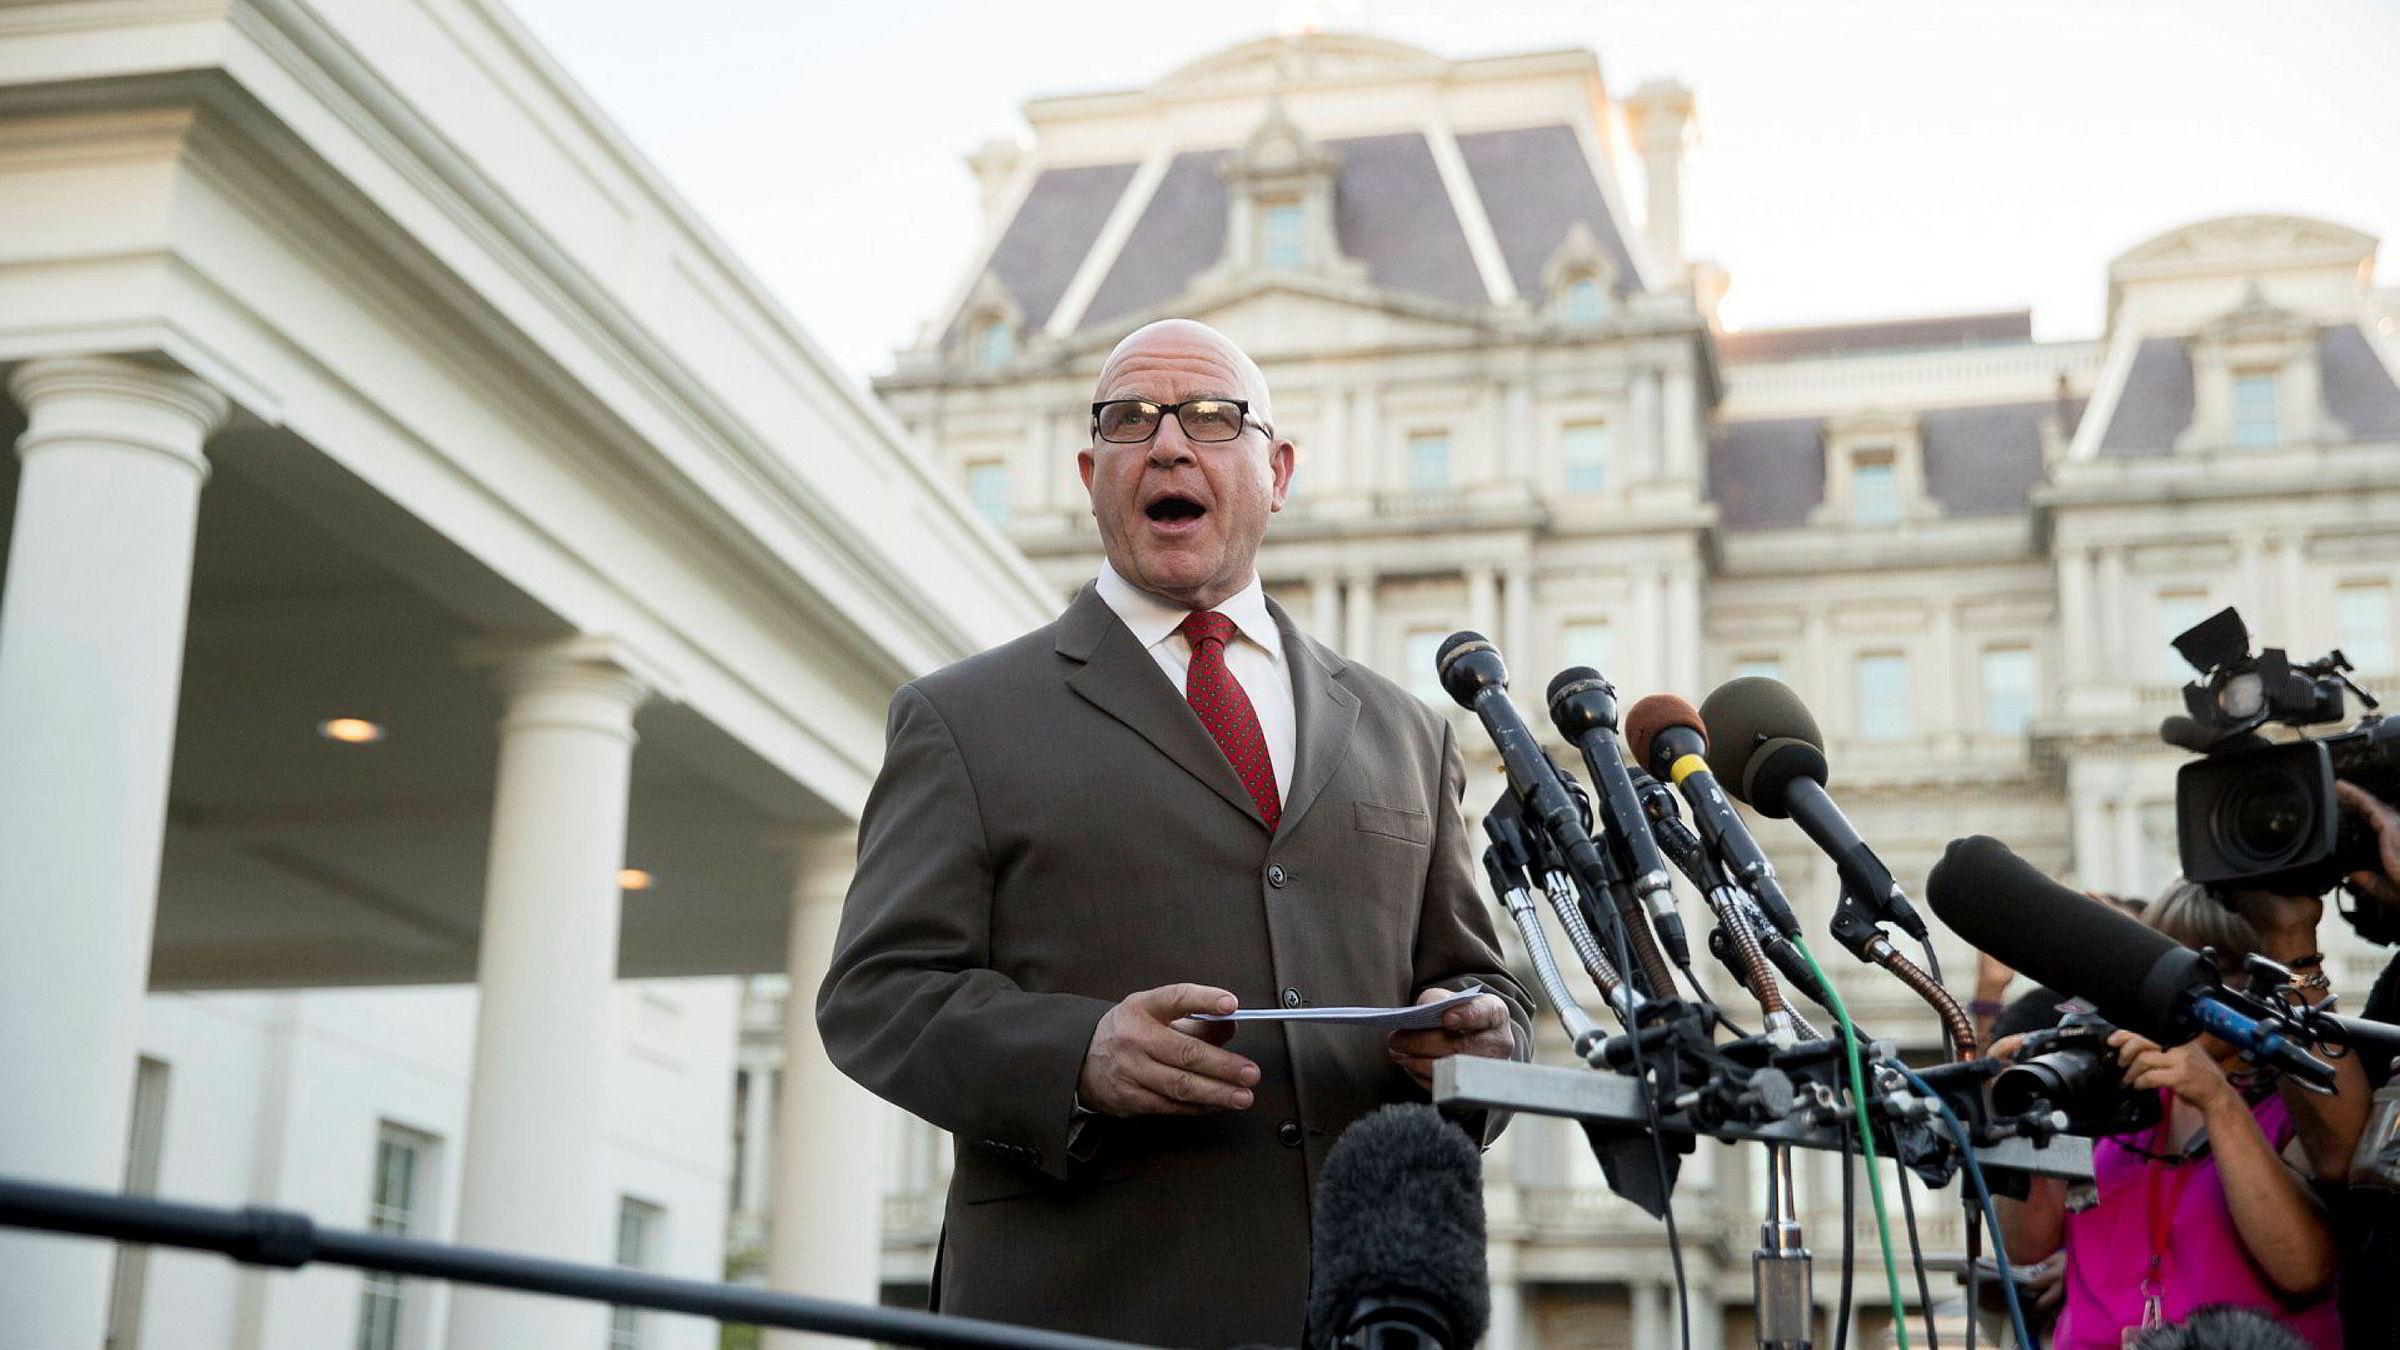 Donald Trumps nasjonale sikkerhetsrådgiver H.R. McMaster var tydelig utilpass da han snakket med pressen utenfor Det hvite hus mandag kveld.